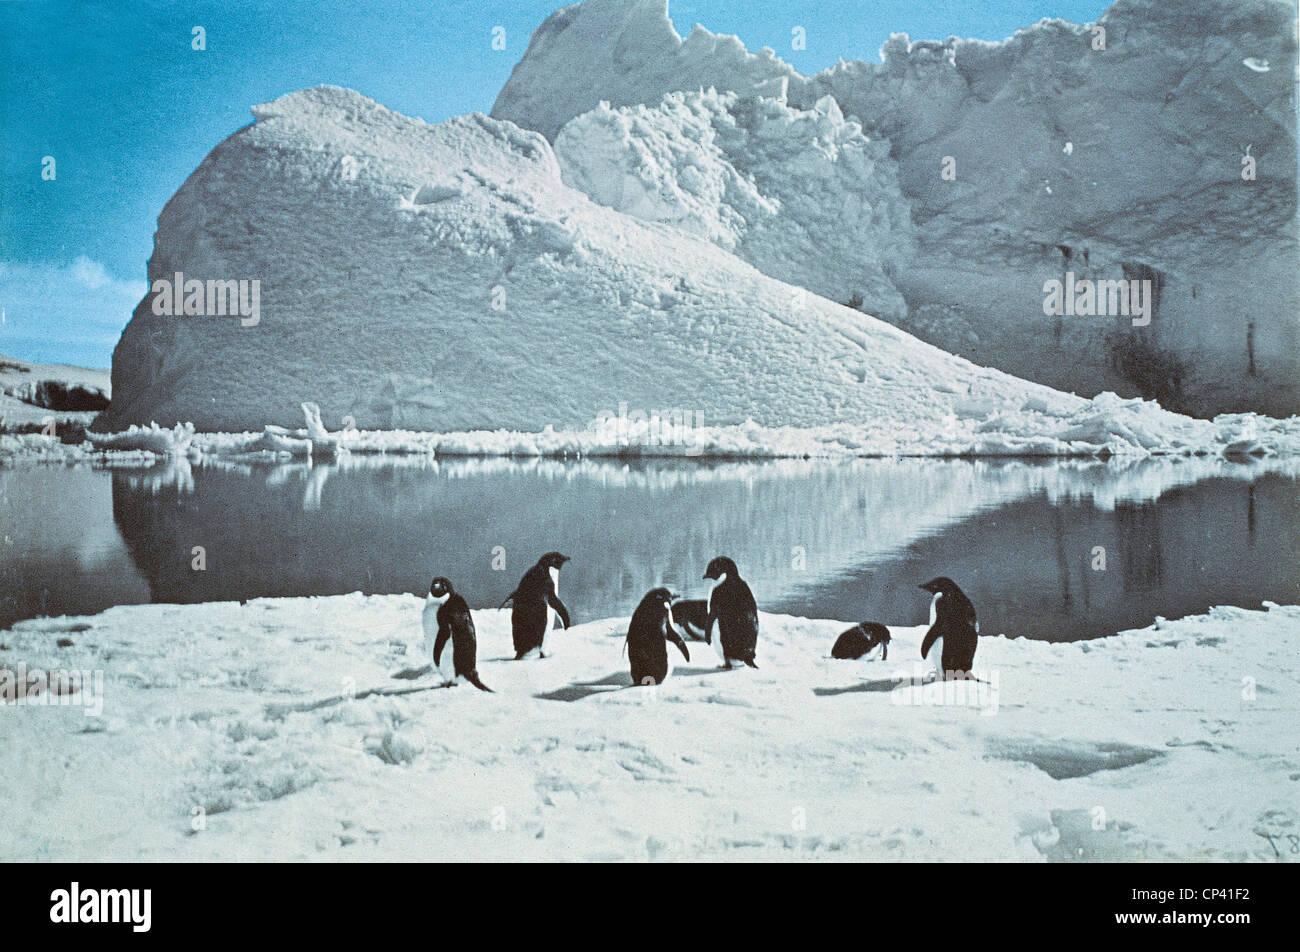 La historia de la exploración, la Antártida, siglo XX. Bahía Pinguni fotografiado por expedición Imagen De Stock